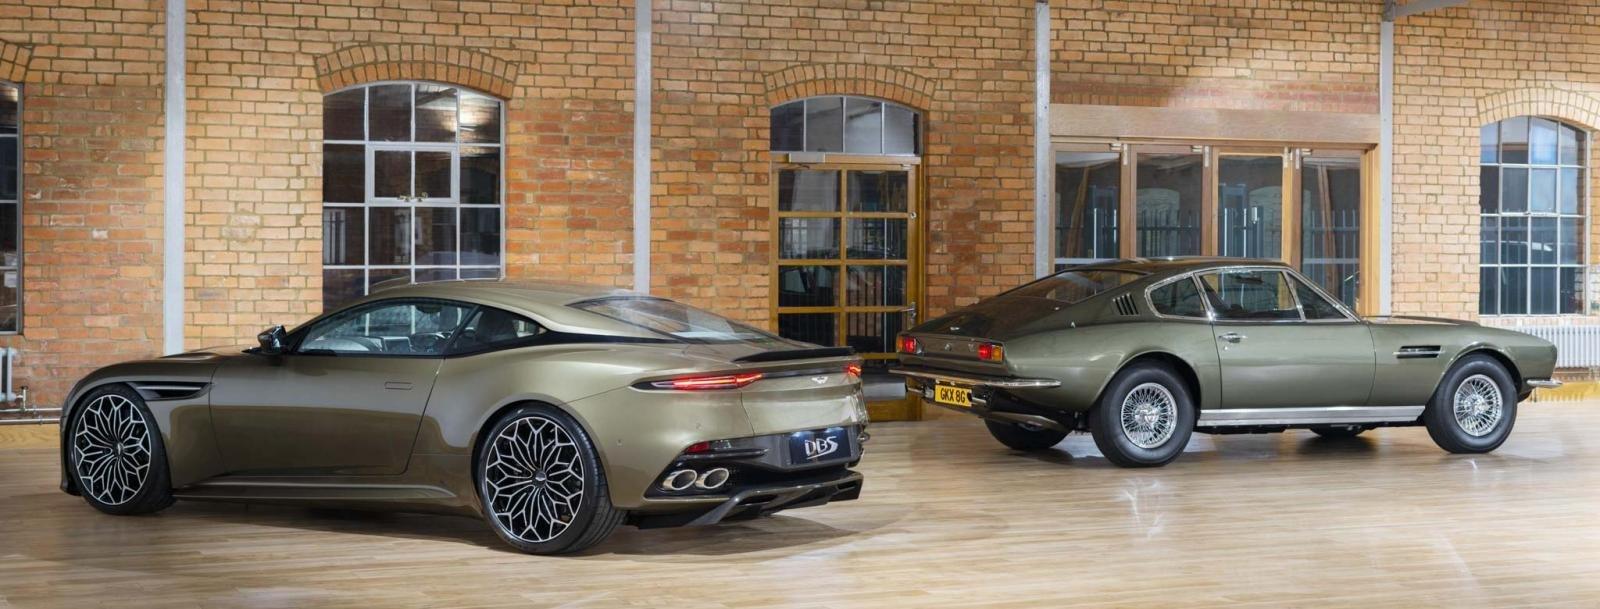 Aston Martin DBS Superleggera ''OHMSS 007 Edition'': Siêu xe lấy cảm hứng từ phim điệp viên 007 a2